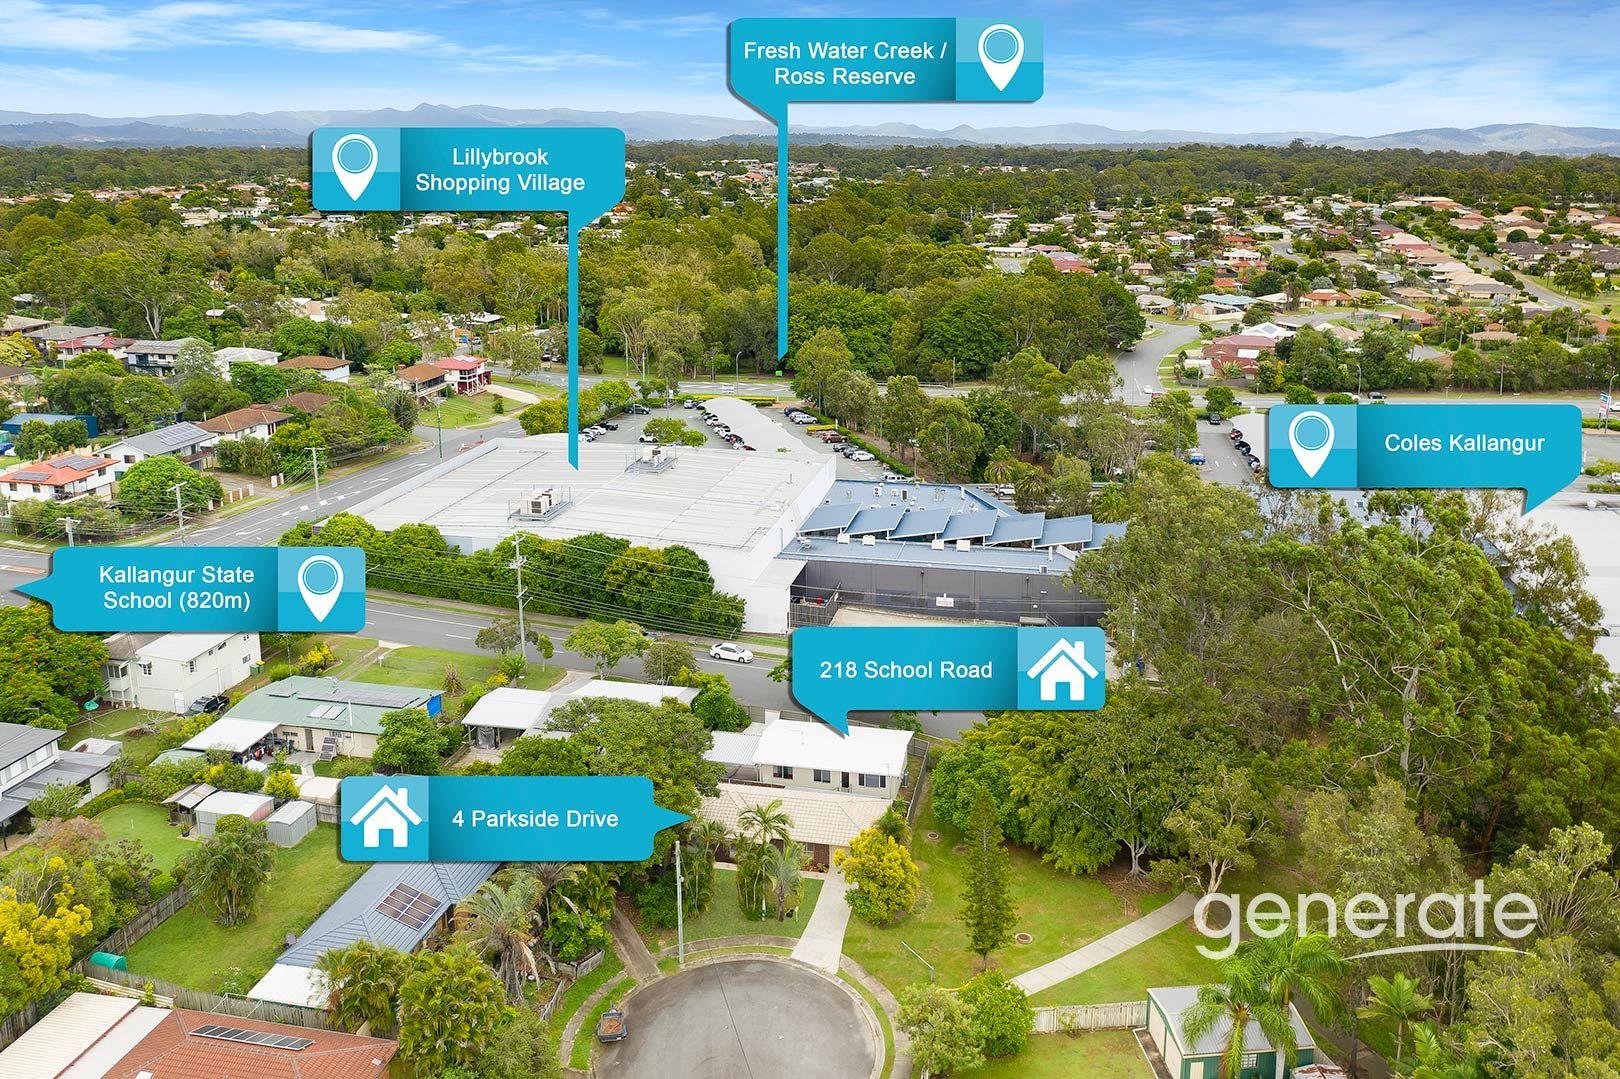 4 Parkside Drive, Kallangur QLD 4503